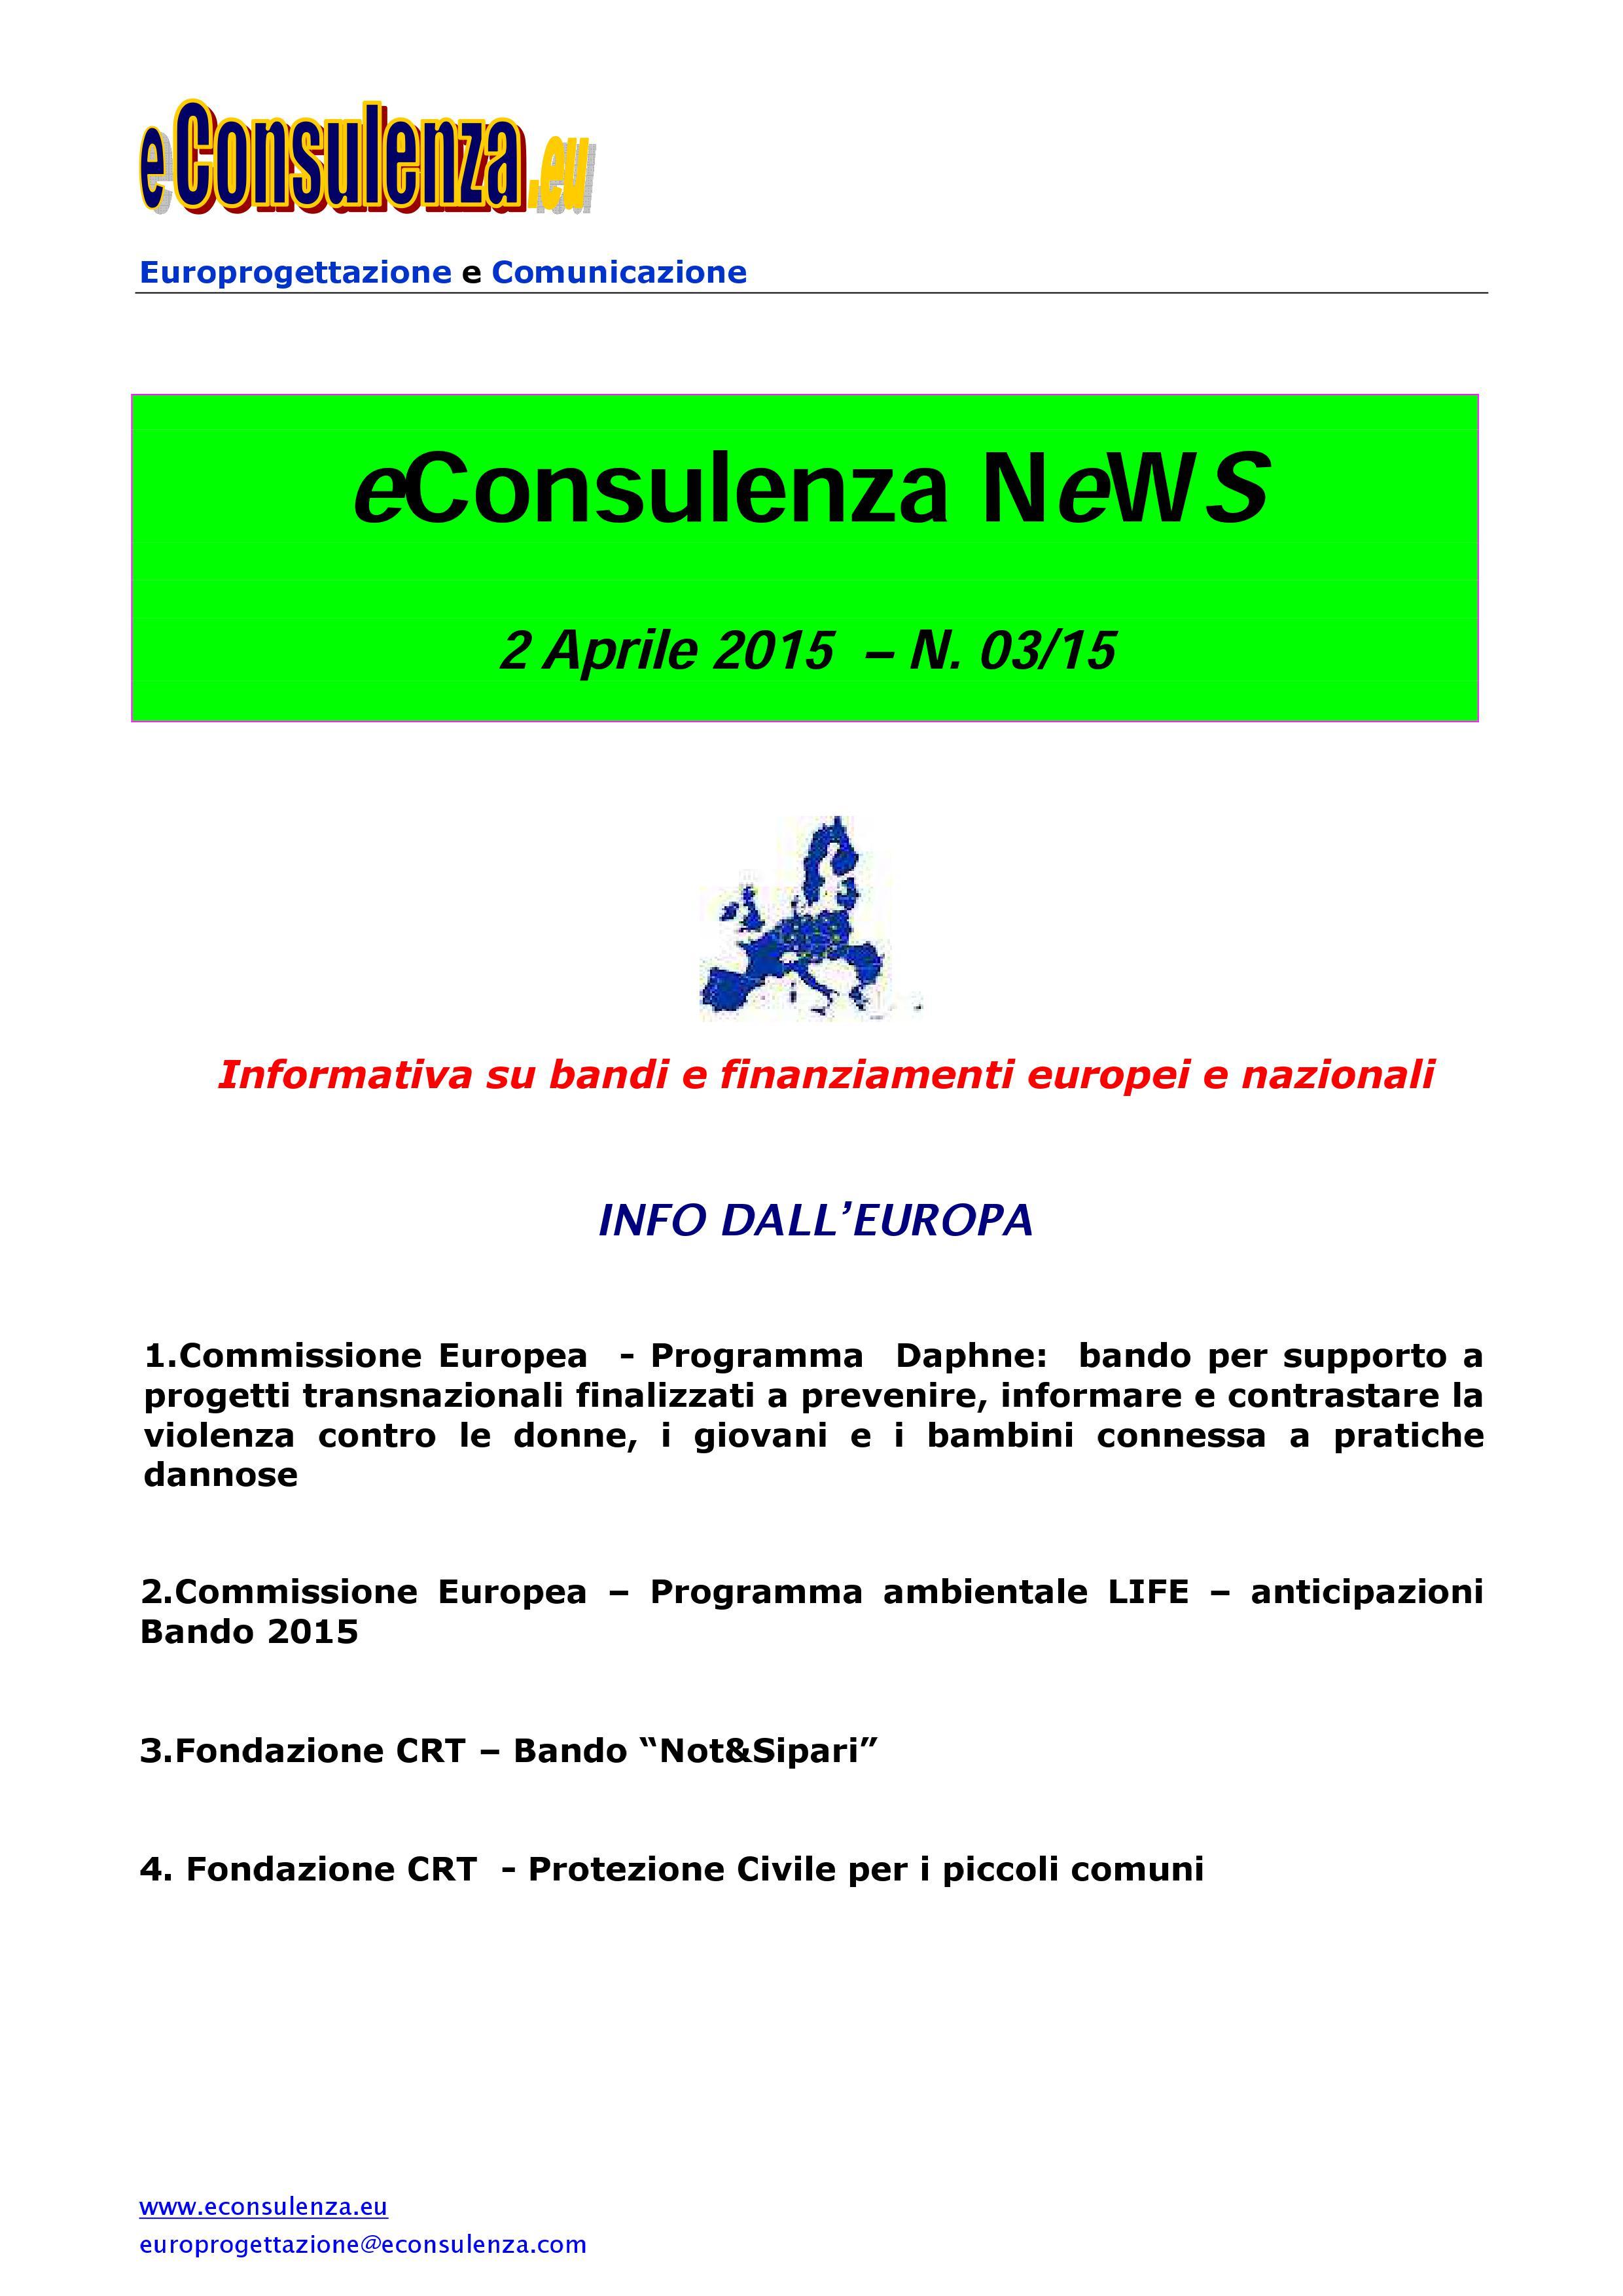 eC NeWs 03/15